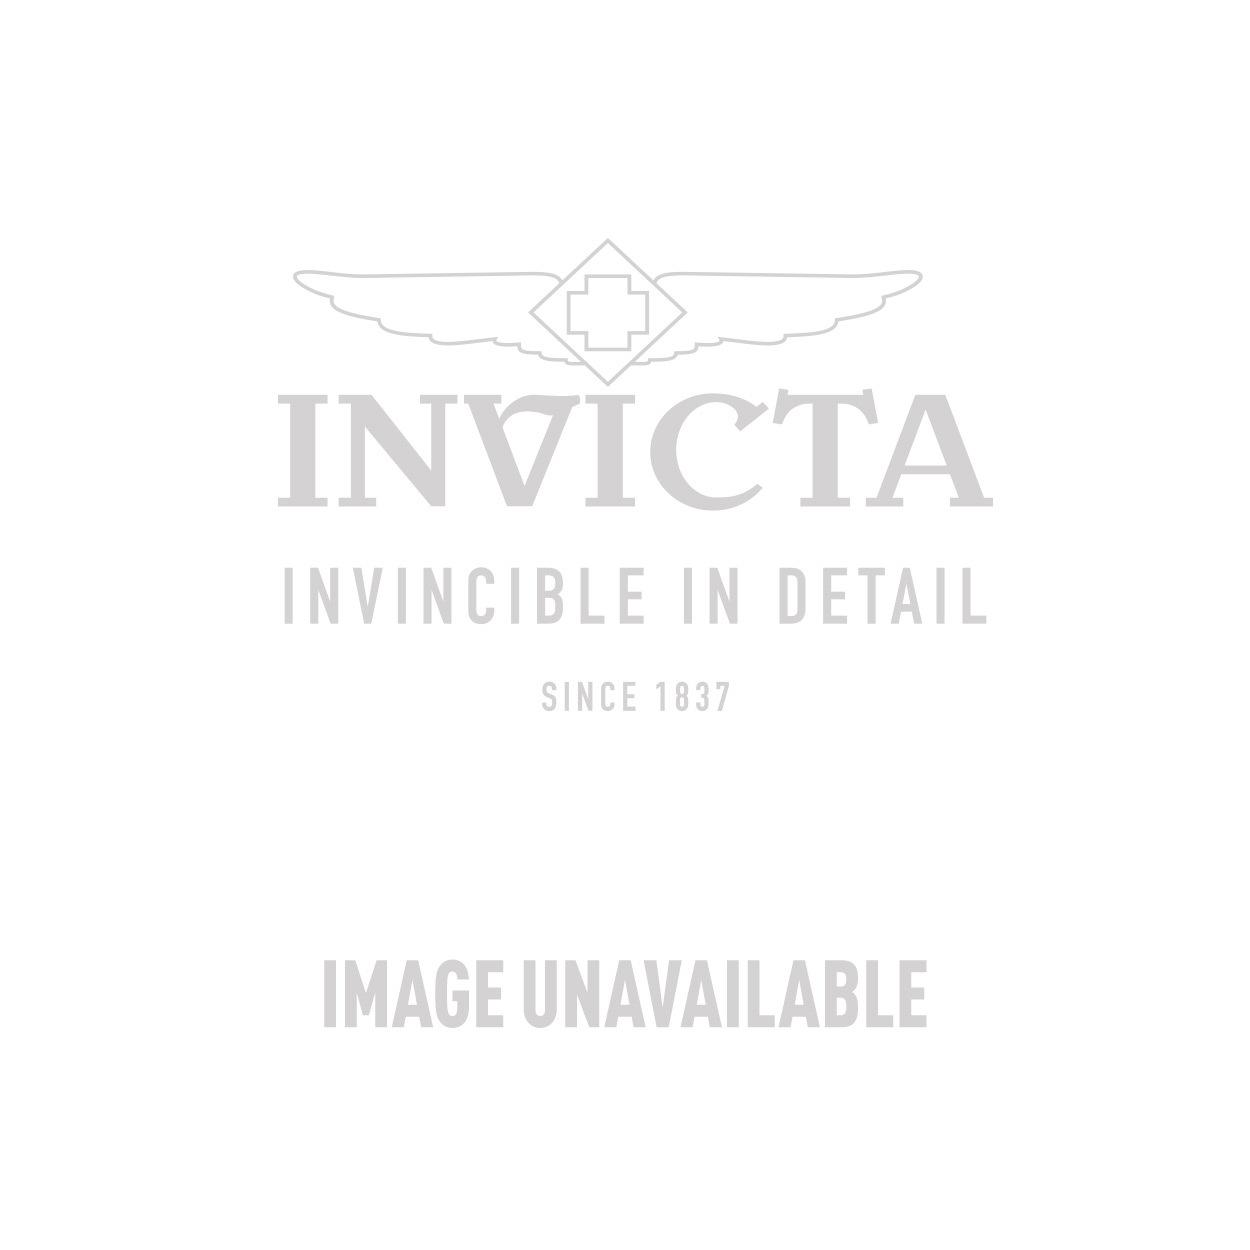 Invicta S1 Rally Quartz Watch - Gold case with Black tone Silicone band - Model 14185